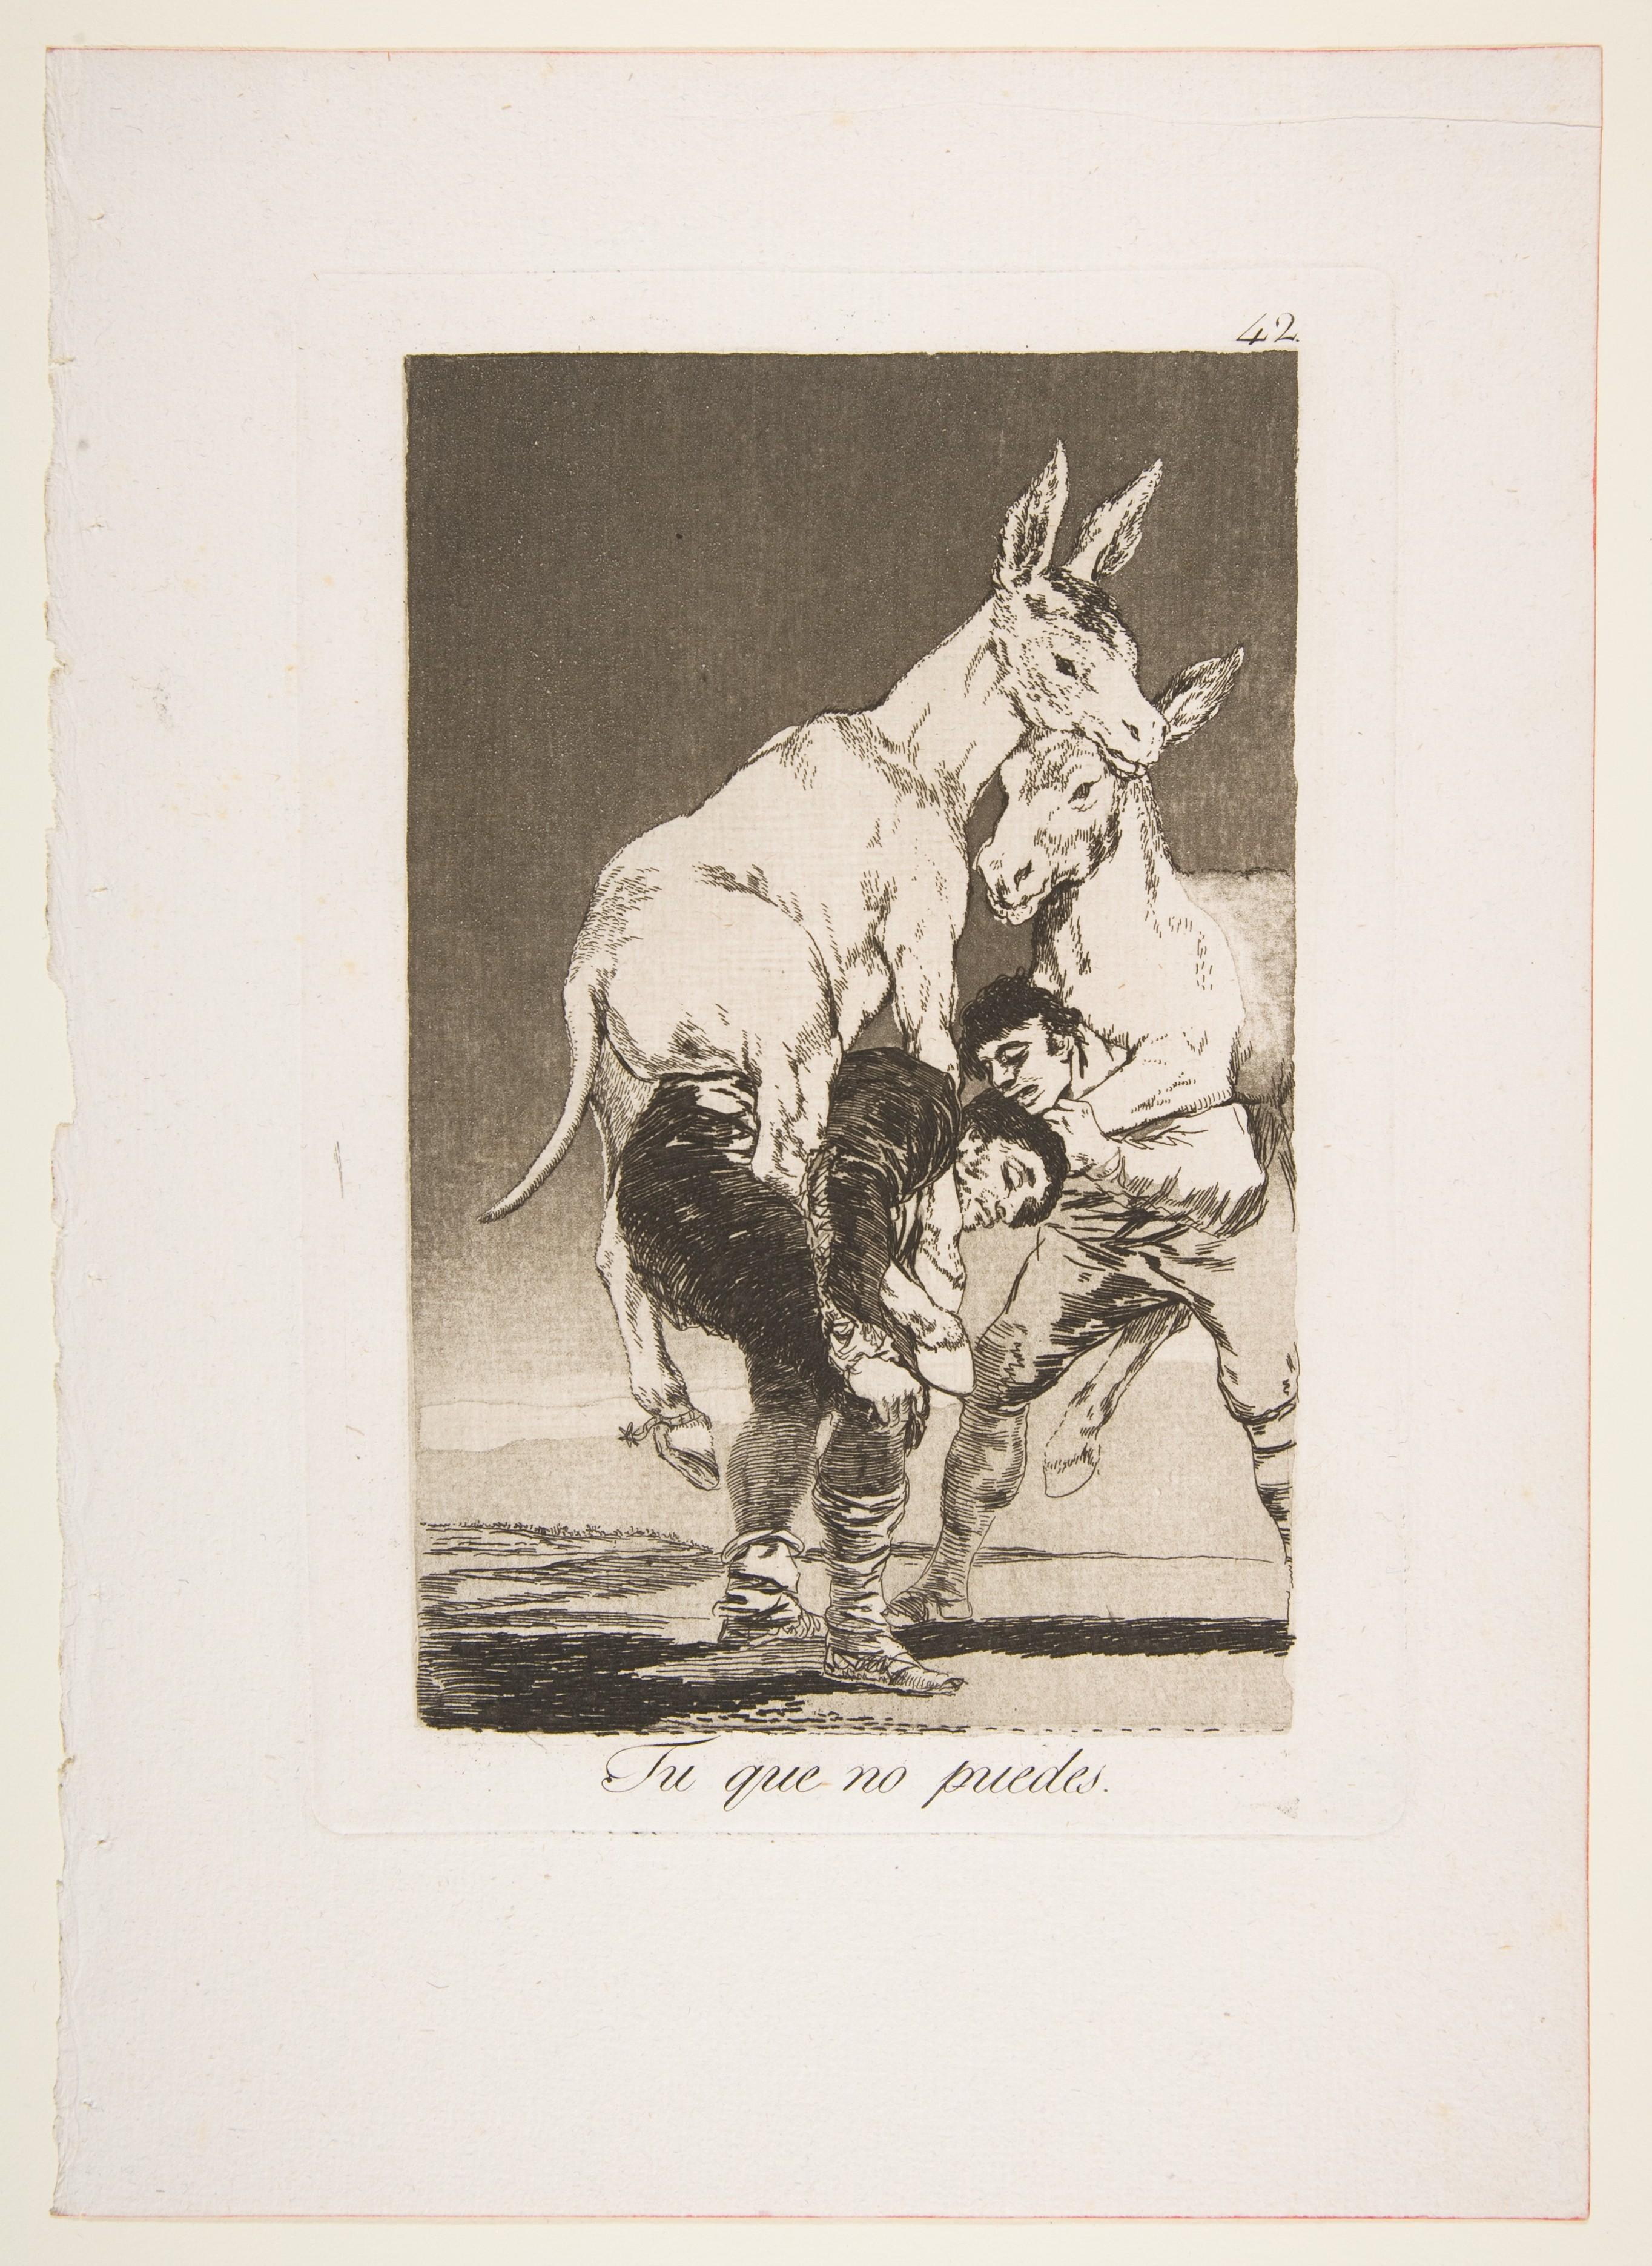 Goya (Francisco de Goya y Lucientes) | Plate 42 from 'Los ...